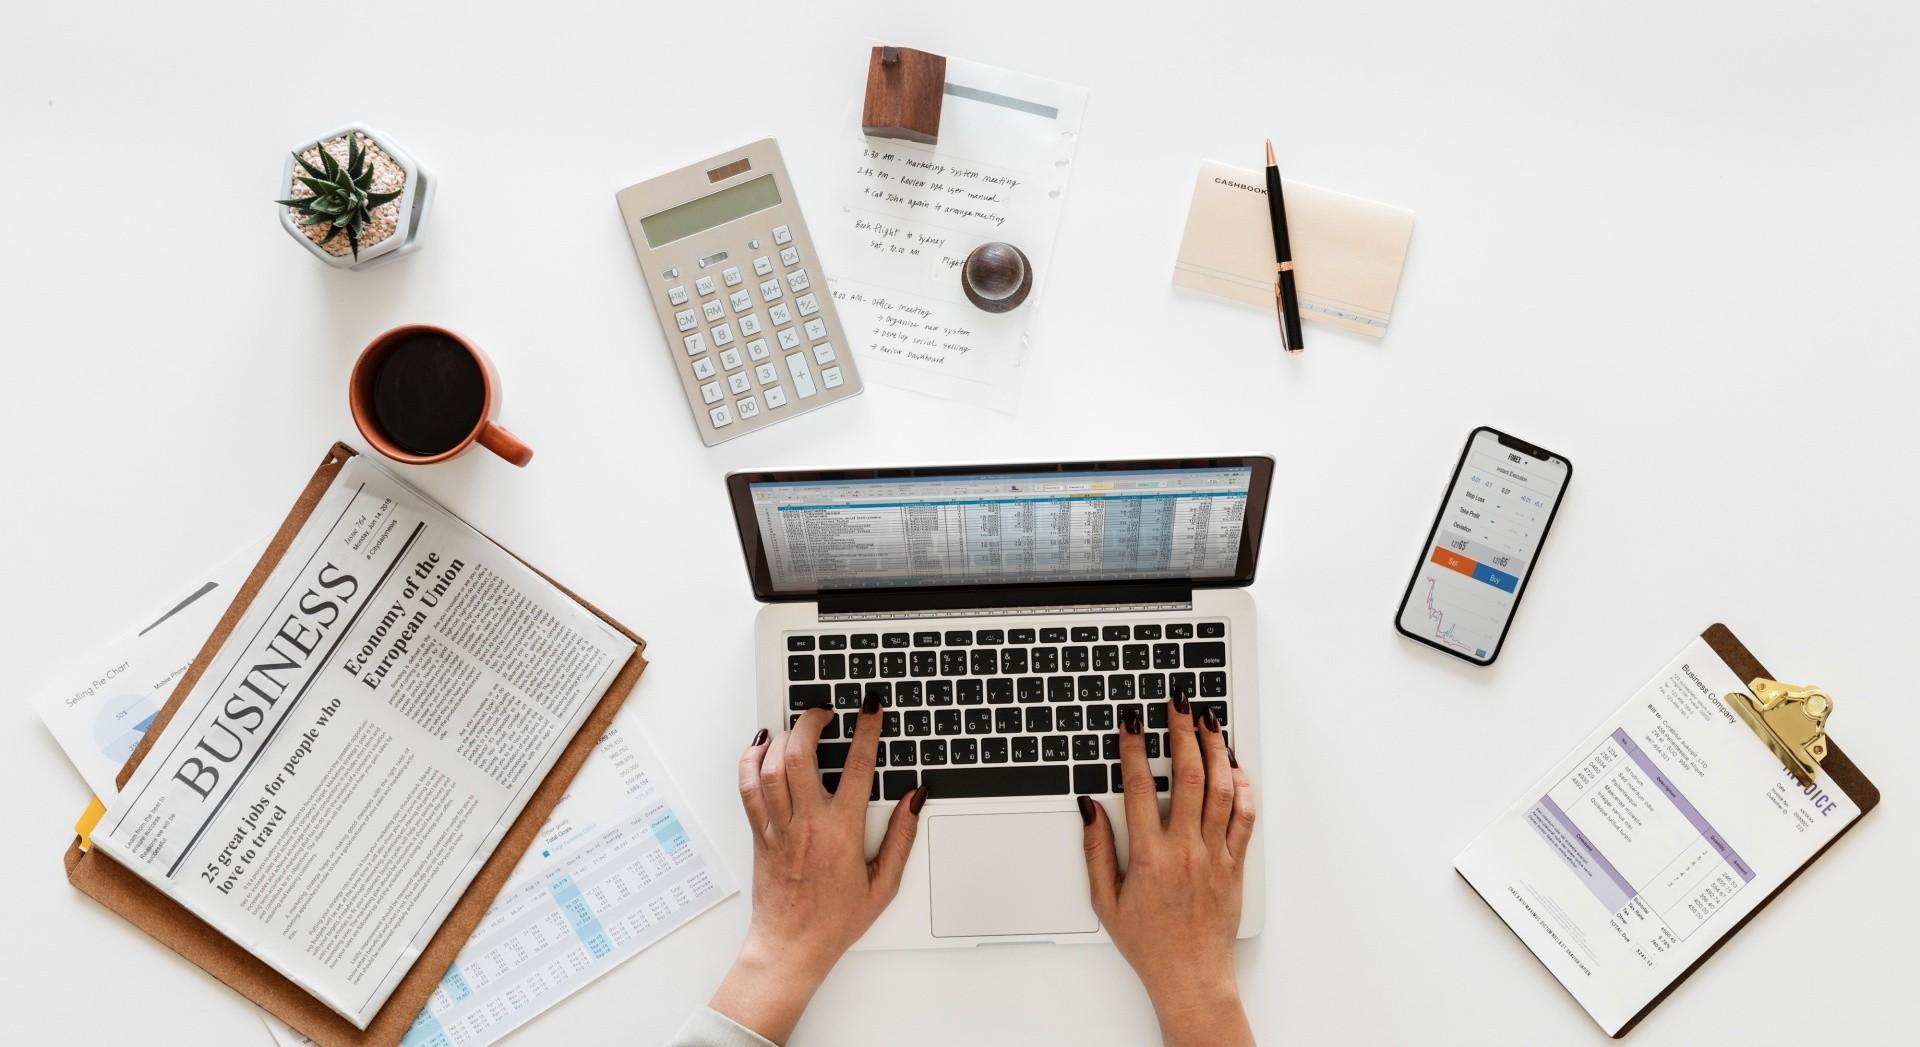 Interviu cu  STELUTA CALABANGIU , expert contabil și membru CECCAR